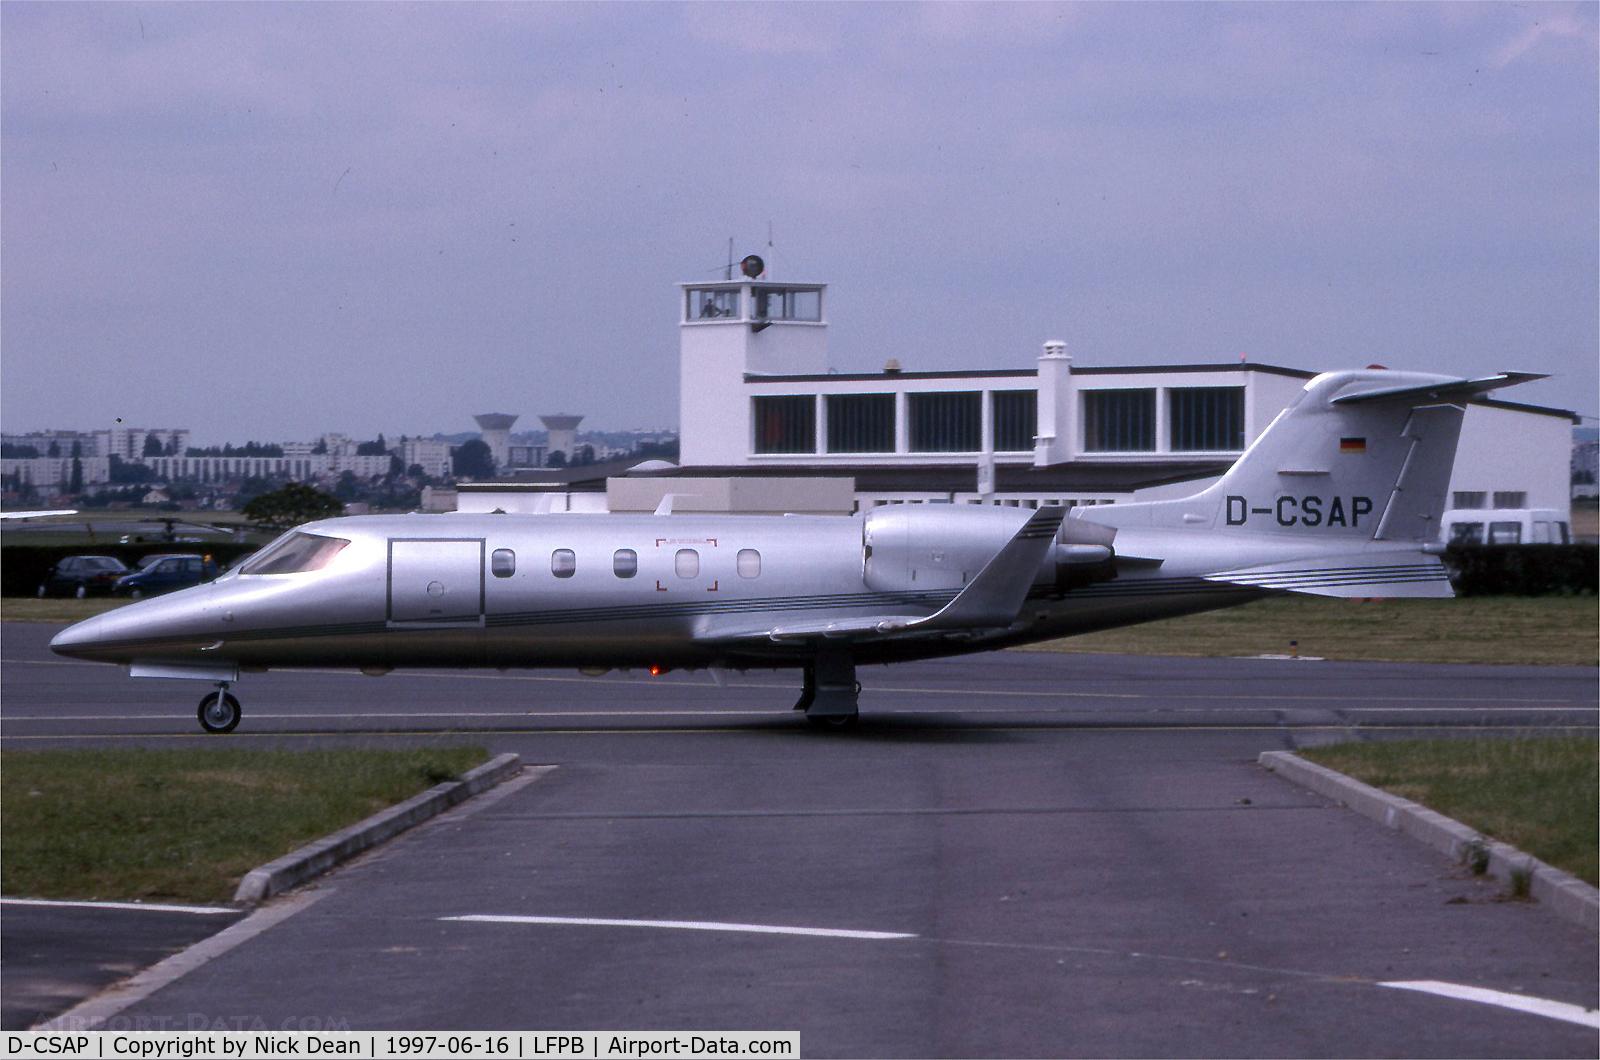 D-CSAP, 1992 Learjet 31A C/N 31-057, LFPB Paris Le Bourget